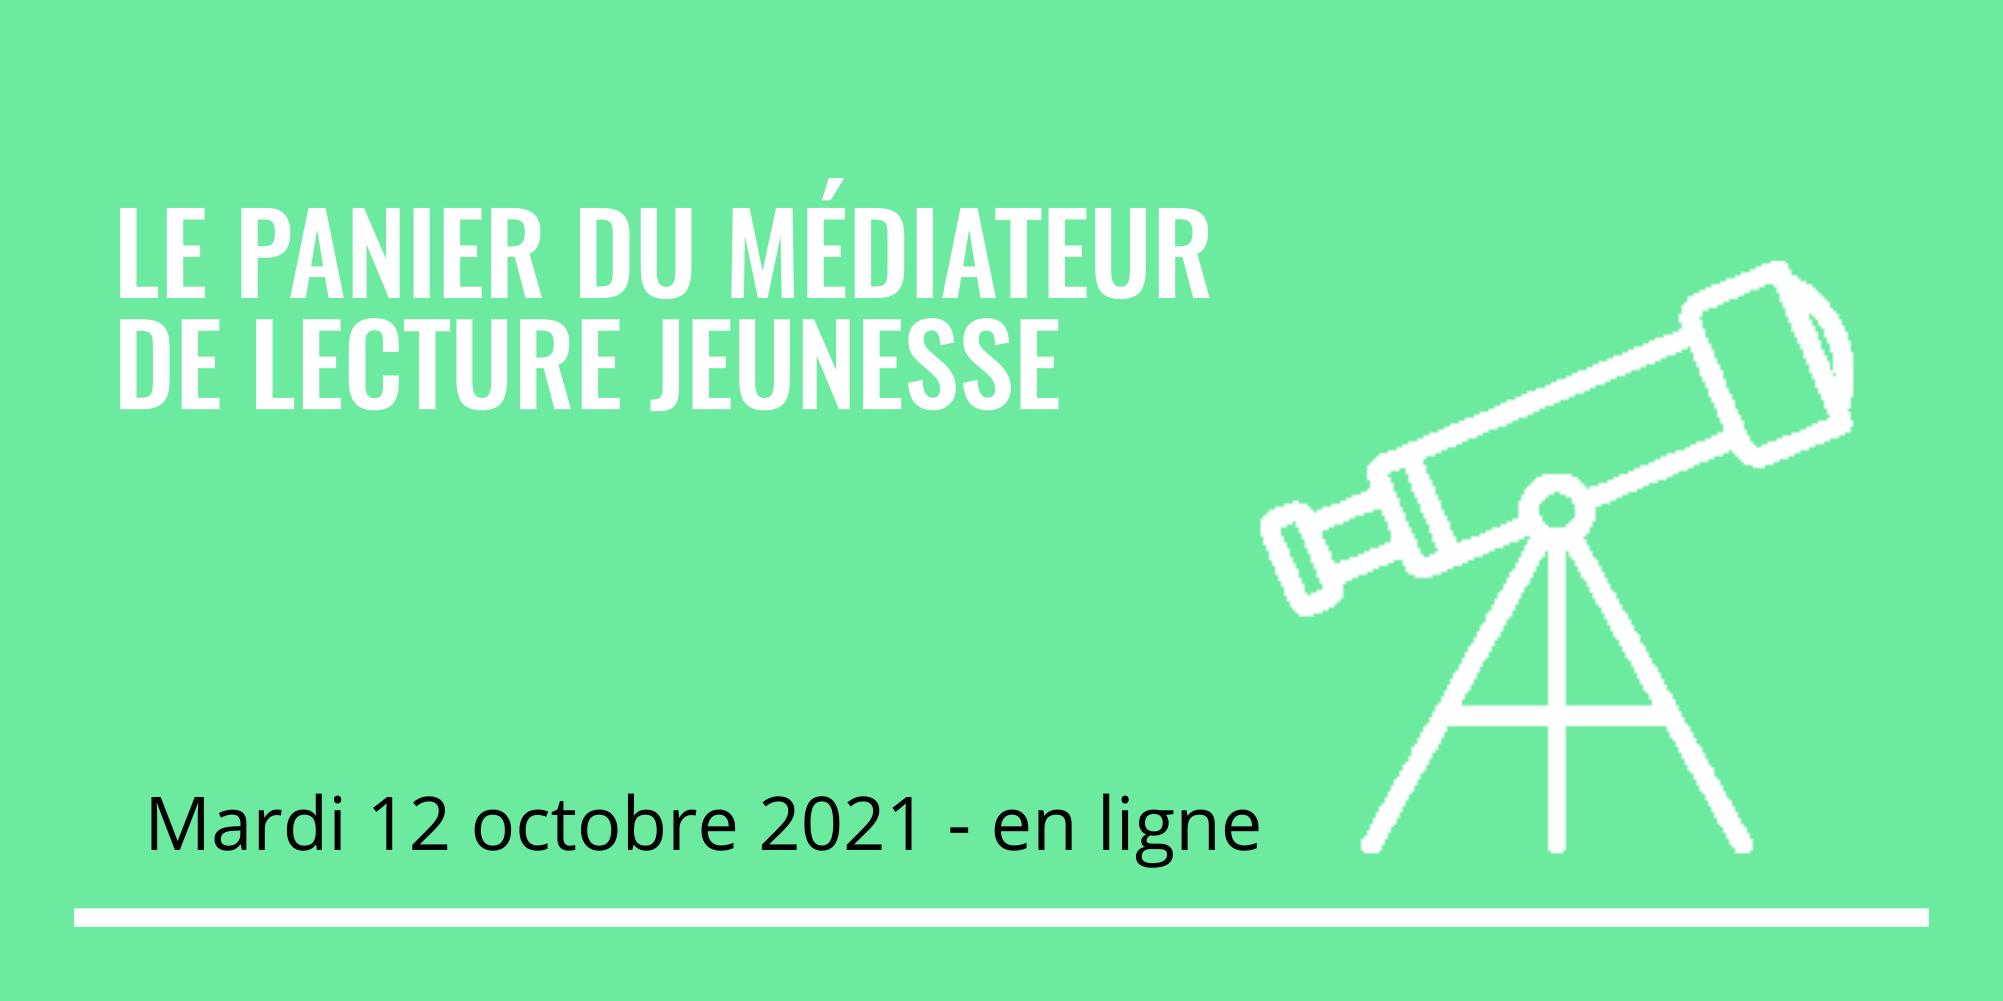 Le panier du médiateur de Lecture Jeunesse - 12 octobre 2021 de 14h à 16h